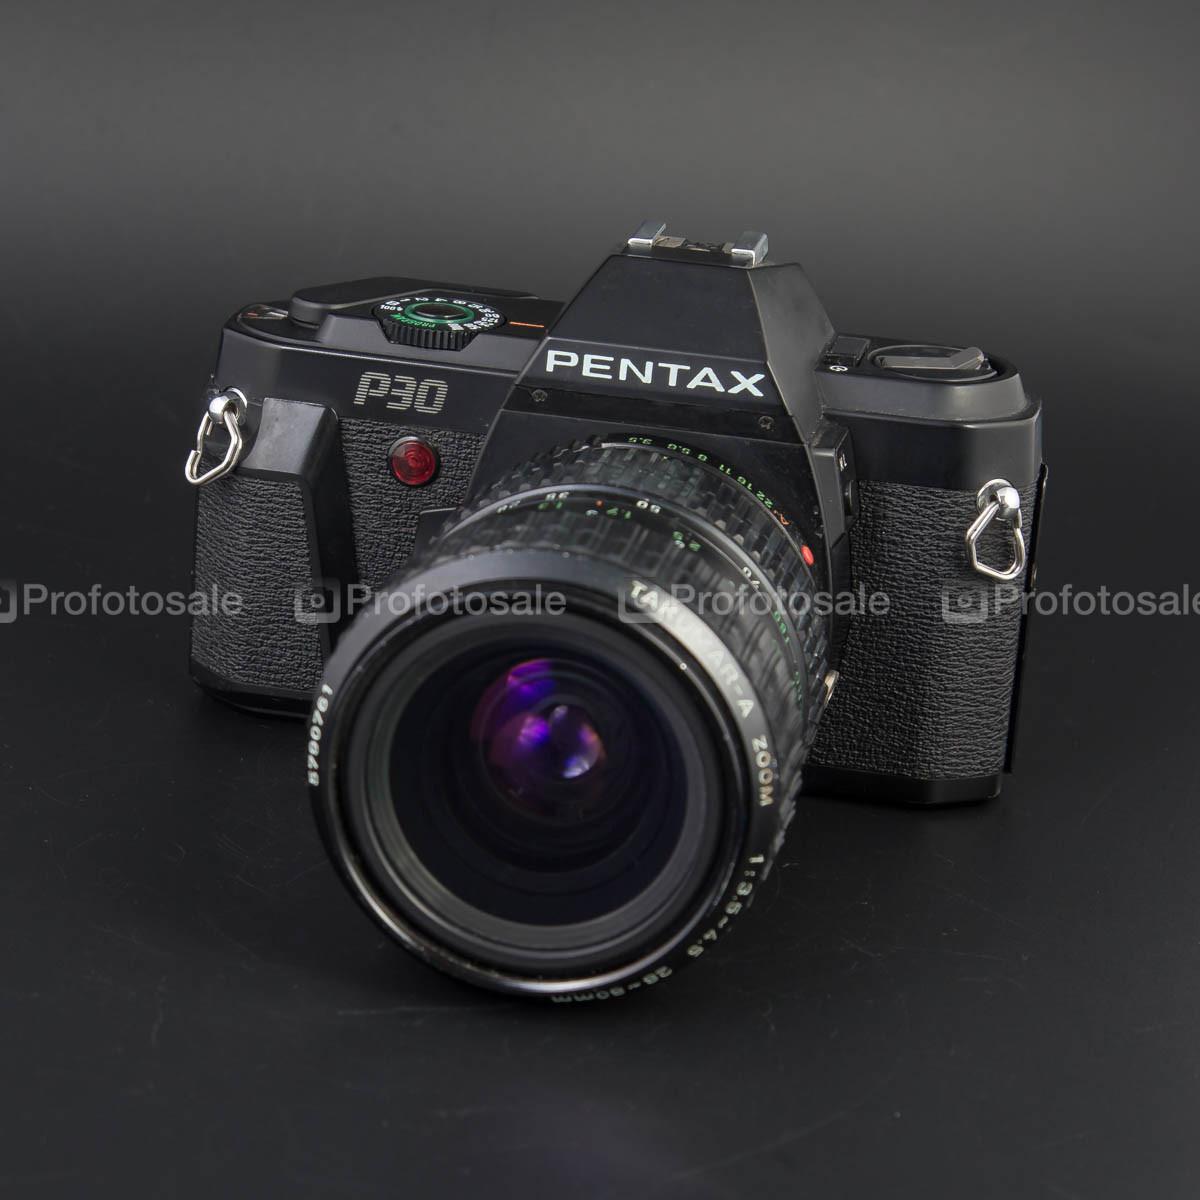 Pentax P30 + Takumar - A 28 - 80mm f/3.5 - 4.5